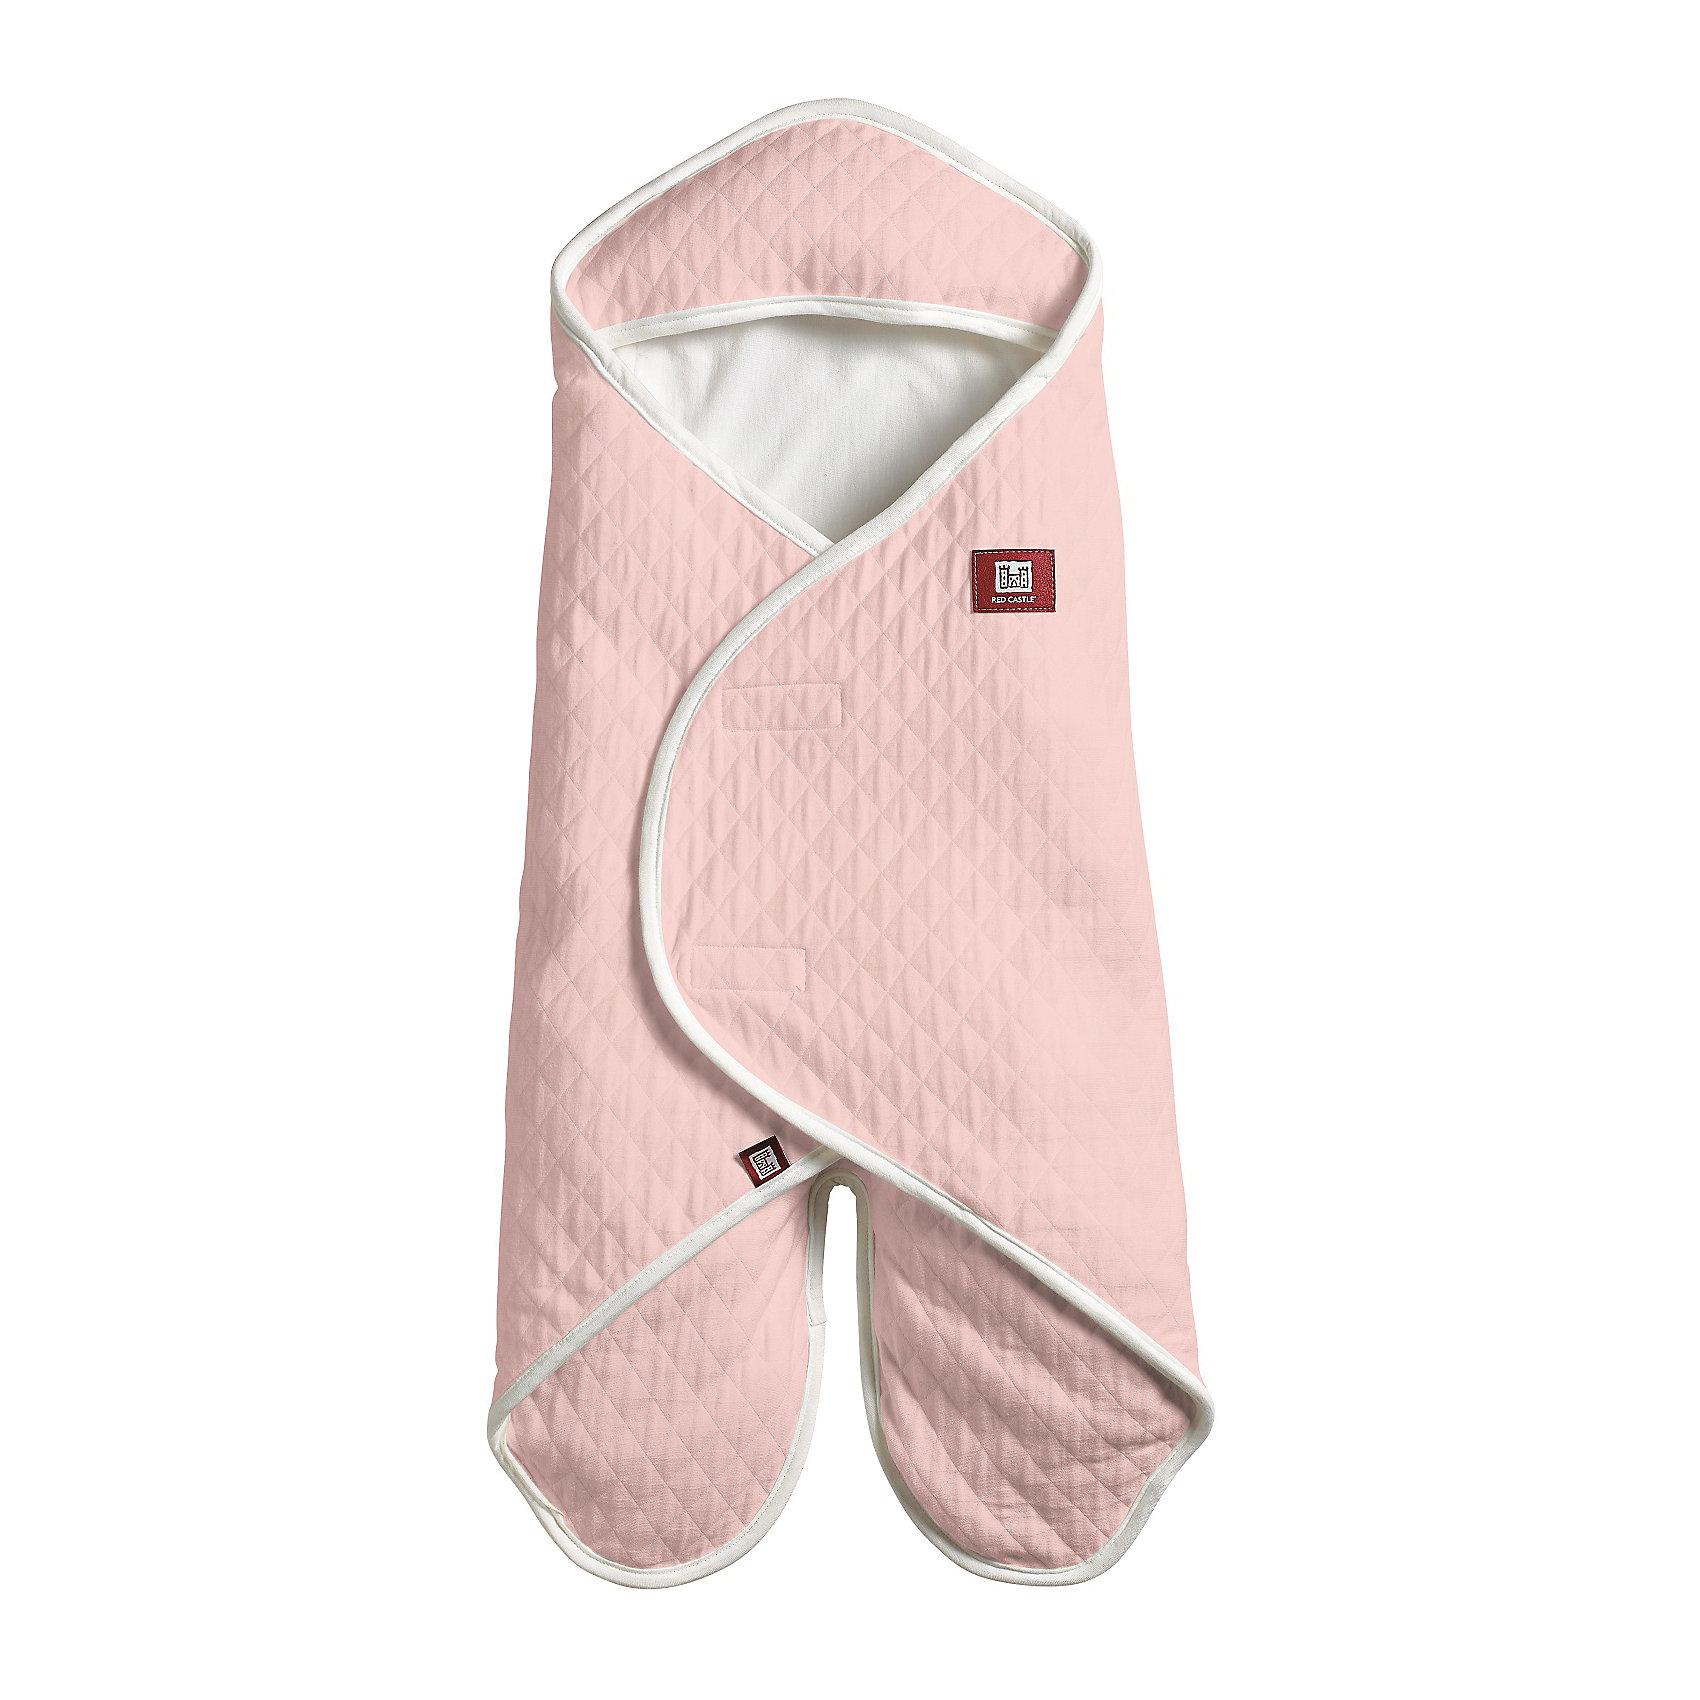 Конверт из хлопка, BBNOMADE FDC LEGER, 0-6 мес., Rose Pouder, Red CastleBabynomade® - эргономичное одеяло, позволяющее быстро и без особого труда укутать малыша во время прогулок. Мультифункциональное, практичное, вы можете использовать его, начиная с выписки из роддома.<br><br>Нежная качественная ткань.<br>Капюшон, защищающий головку малыша.<br>Два отверстия на спине, зарывающиеся с помощью молний, позволяют перевозить малыша в автокресле с 3 и 5-точечными ремнями безопасности.<br><br>Пояс с липучкой для фиксации одеяла.<br><br>Отвороты позволяют полностью раскрыть малыша.<br>Специальные выемки для ножек, позволят малышу быть в тепле и не раскрываться.<br>Выбор различного материала: см. Характеристики. Детское одеяло с ножками, без рукавов, удобное и простое в использовании.<br>Форма, повторяющая изгиб плеч для более удобного использования с 3-точечными ремнями безопасности.<br>Удобный просторный капюшон.<br>Застежка на липучке позволяет не беспокоя укутать малыша.<br>Высококачественный легкий хлопок Fleur de Coton®. Использование :<br><br>На улице : В автокресле, в люльке, в переноске или на руках.<br><br>Уход :<br><br>Машинная стирка 30°<br><br>Ширина мм: 660<br>Глубина мм: 320<br>Высота мм: 10<br>Вес г: 730<br>Возраст от месяцев: 0<br>Возраст до месяцев: 6<br>Пол: Женский<br>Возраст: Детский<br>SKU: 5543598